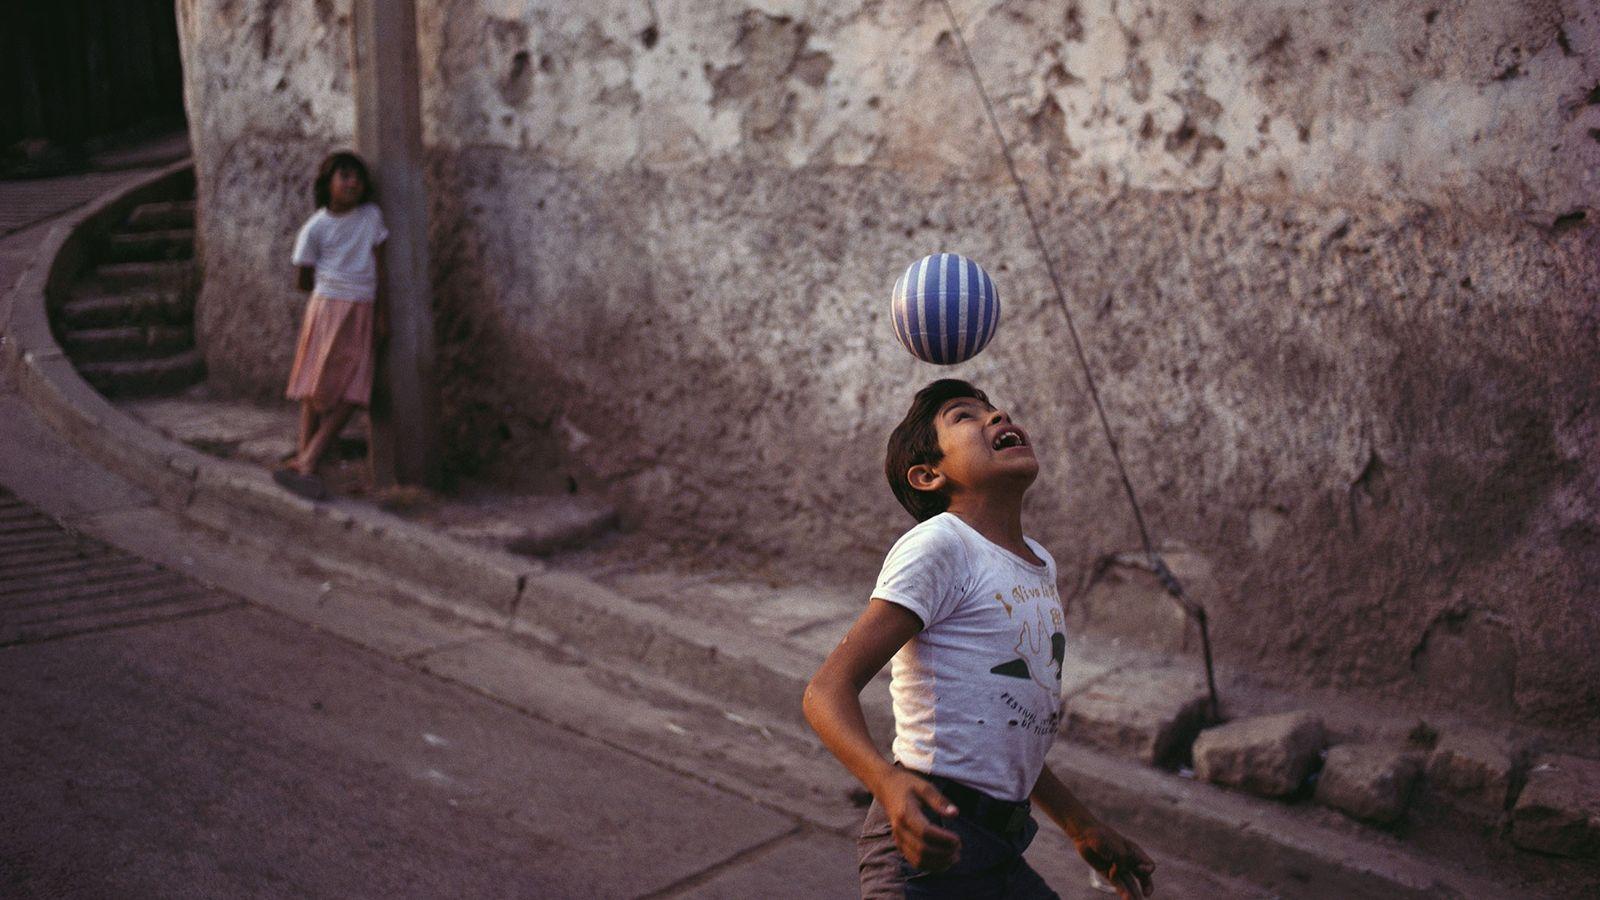 Um menino pratica suas habilidades futebolísticas em uma rua em Tegucigalpa, Honduras. A popularidade do futebol ...